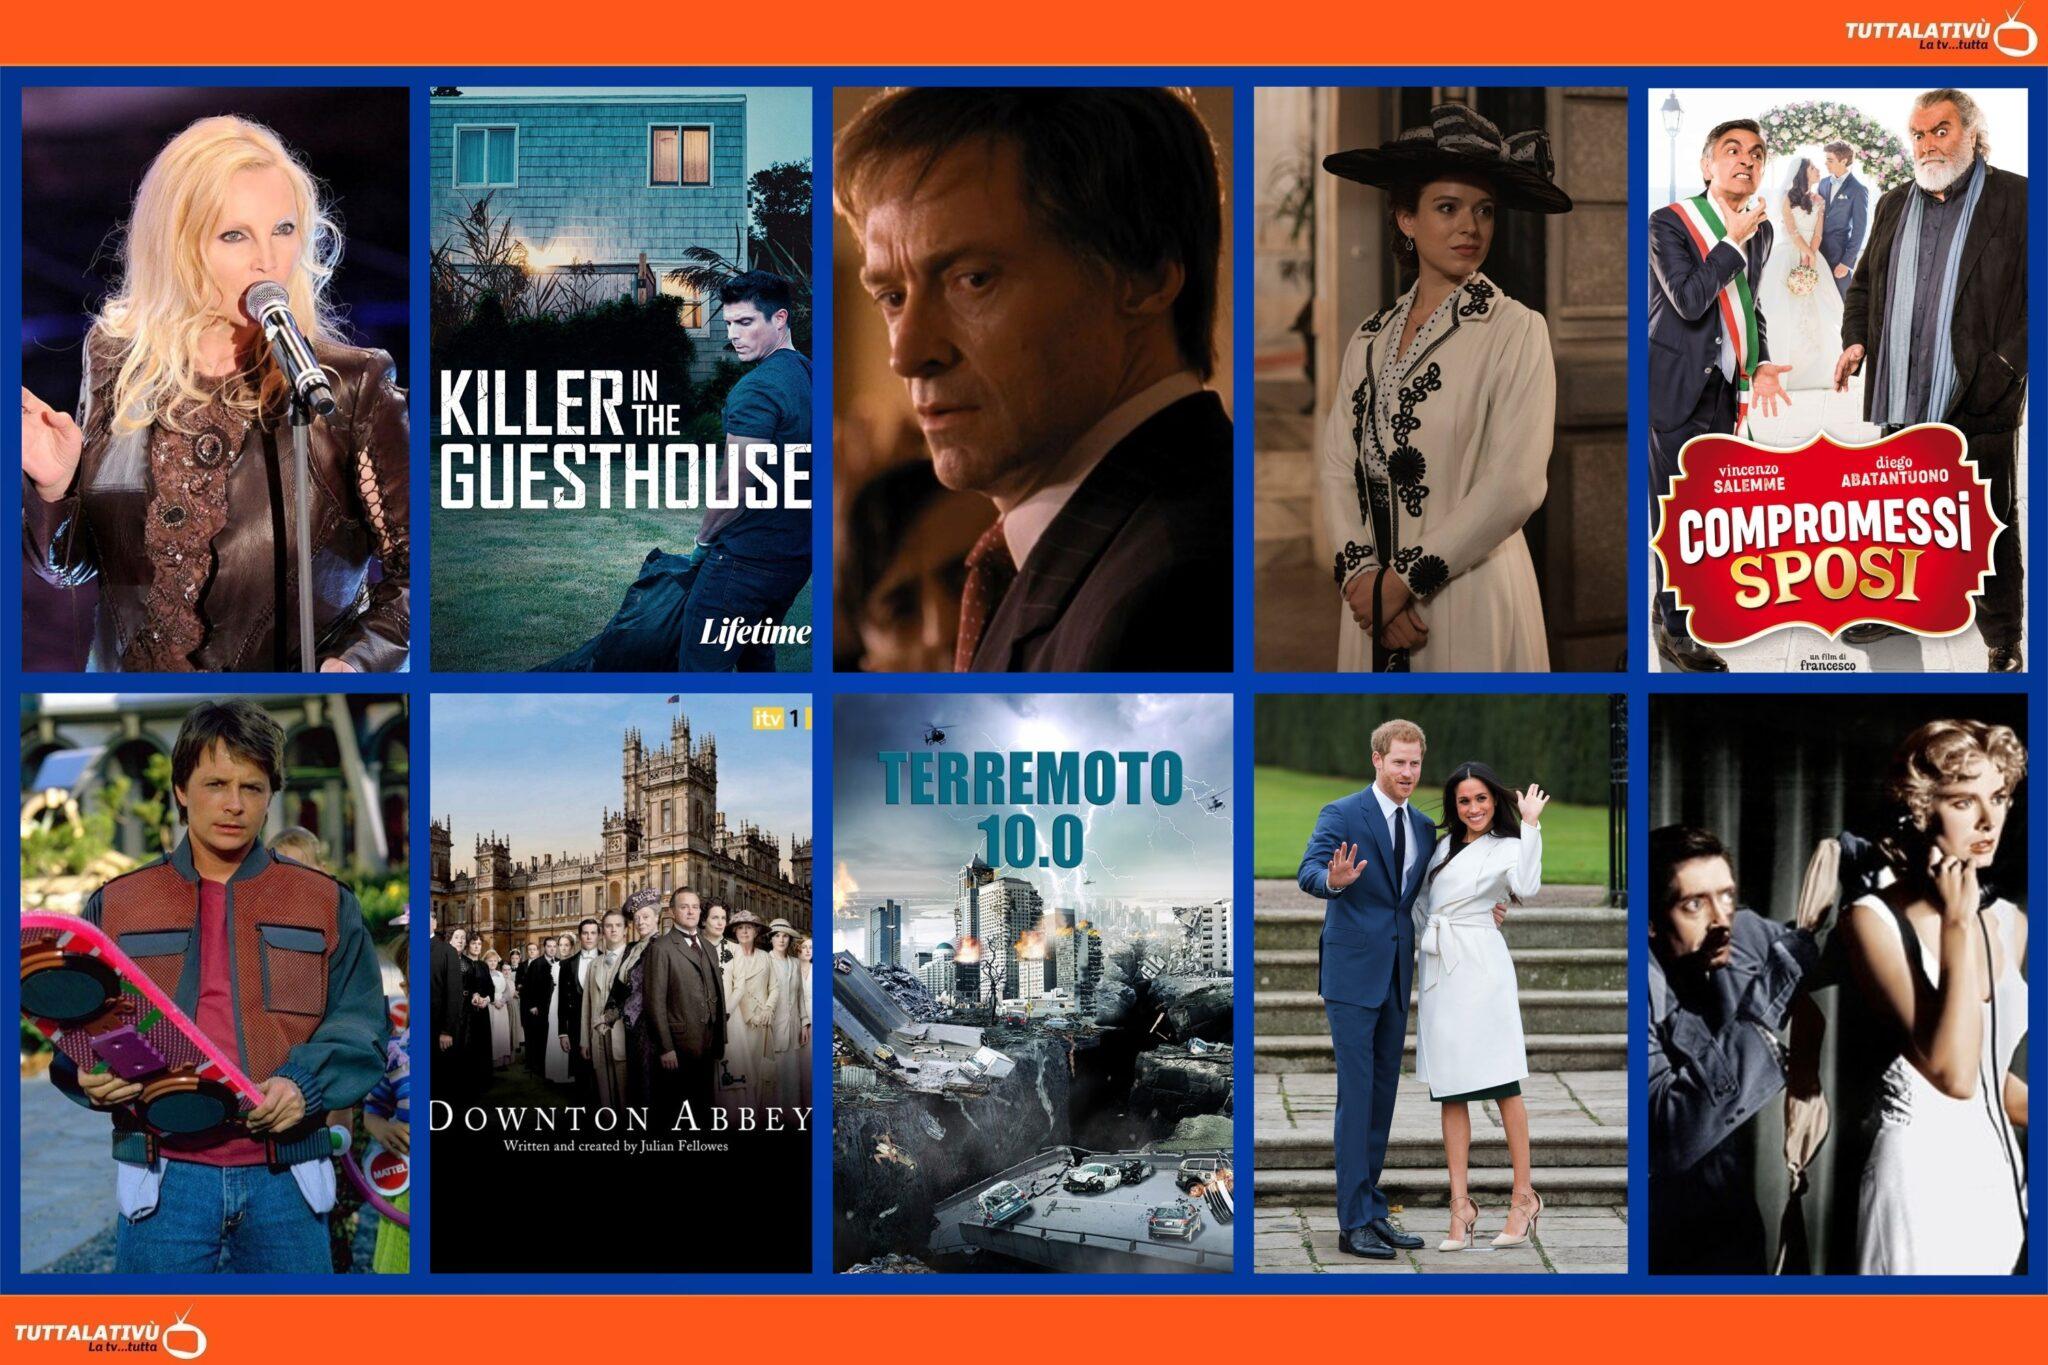 GuidaTV 28 Agosto 2021: Compromessi sposi, A grande richiesta (best of), Il killer della porta accanto, Una Vita, Ritorno al futuro II, Il delitto perfetto